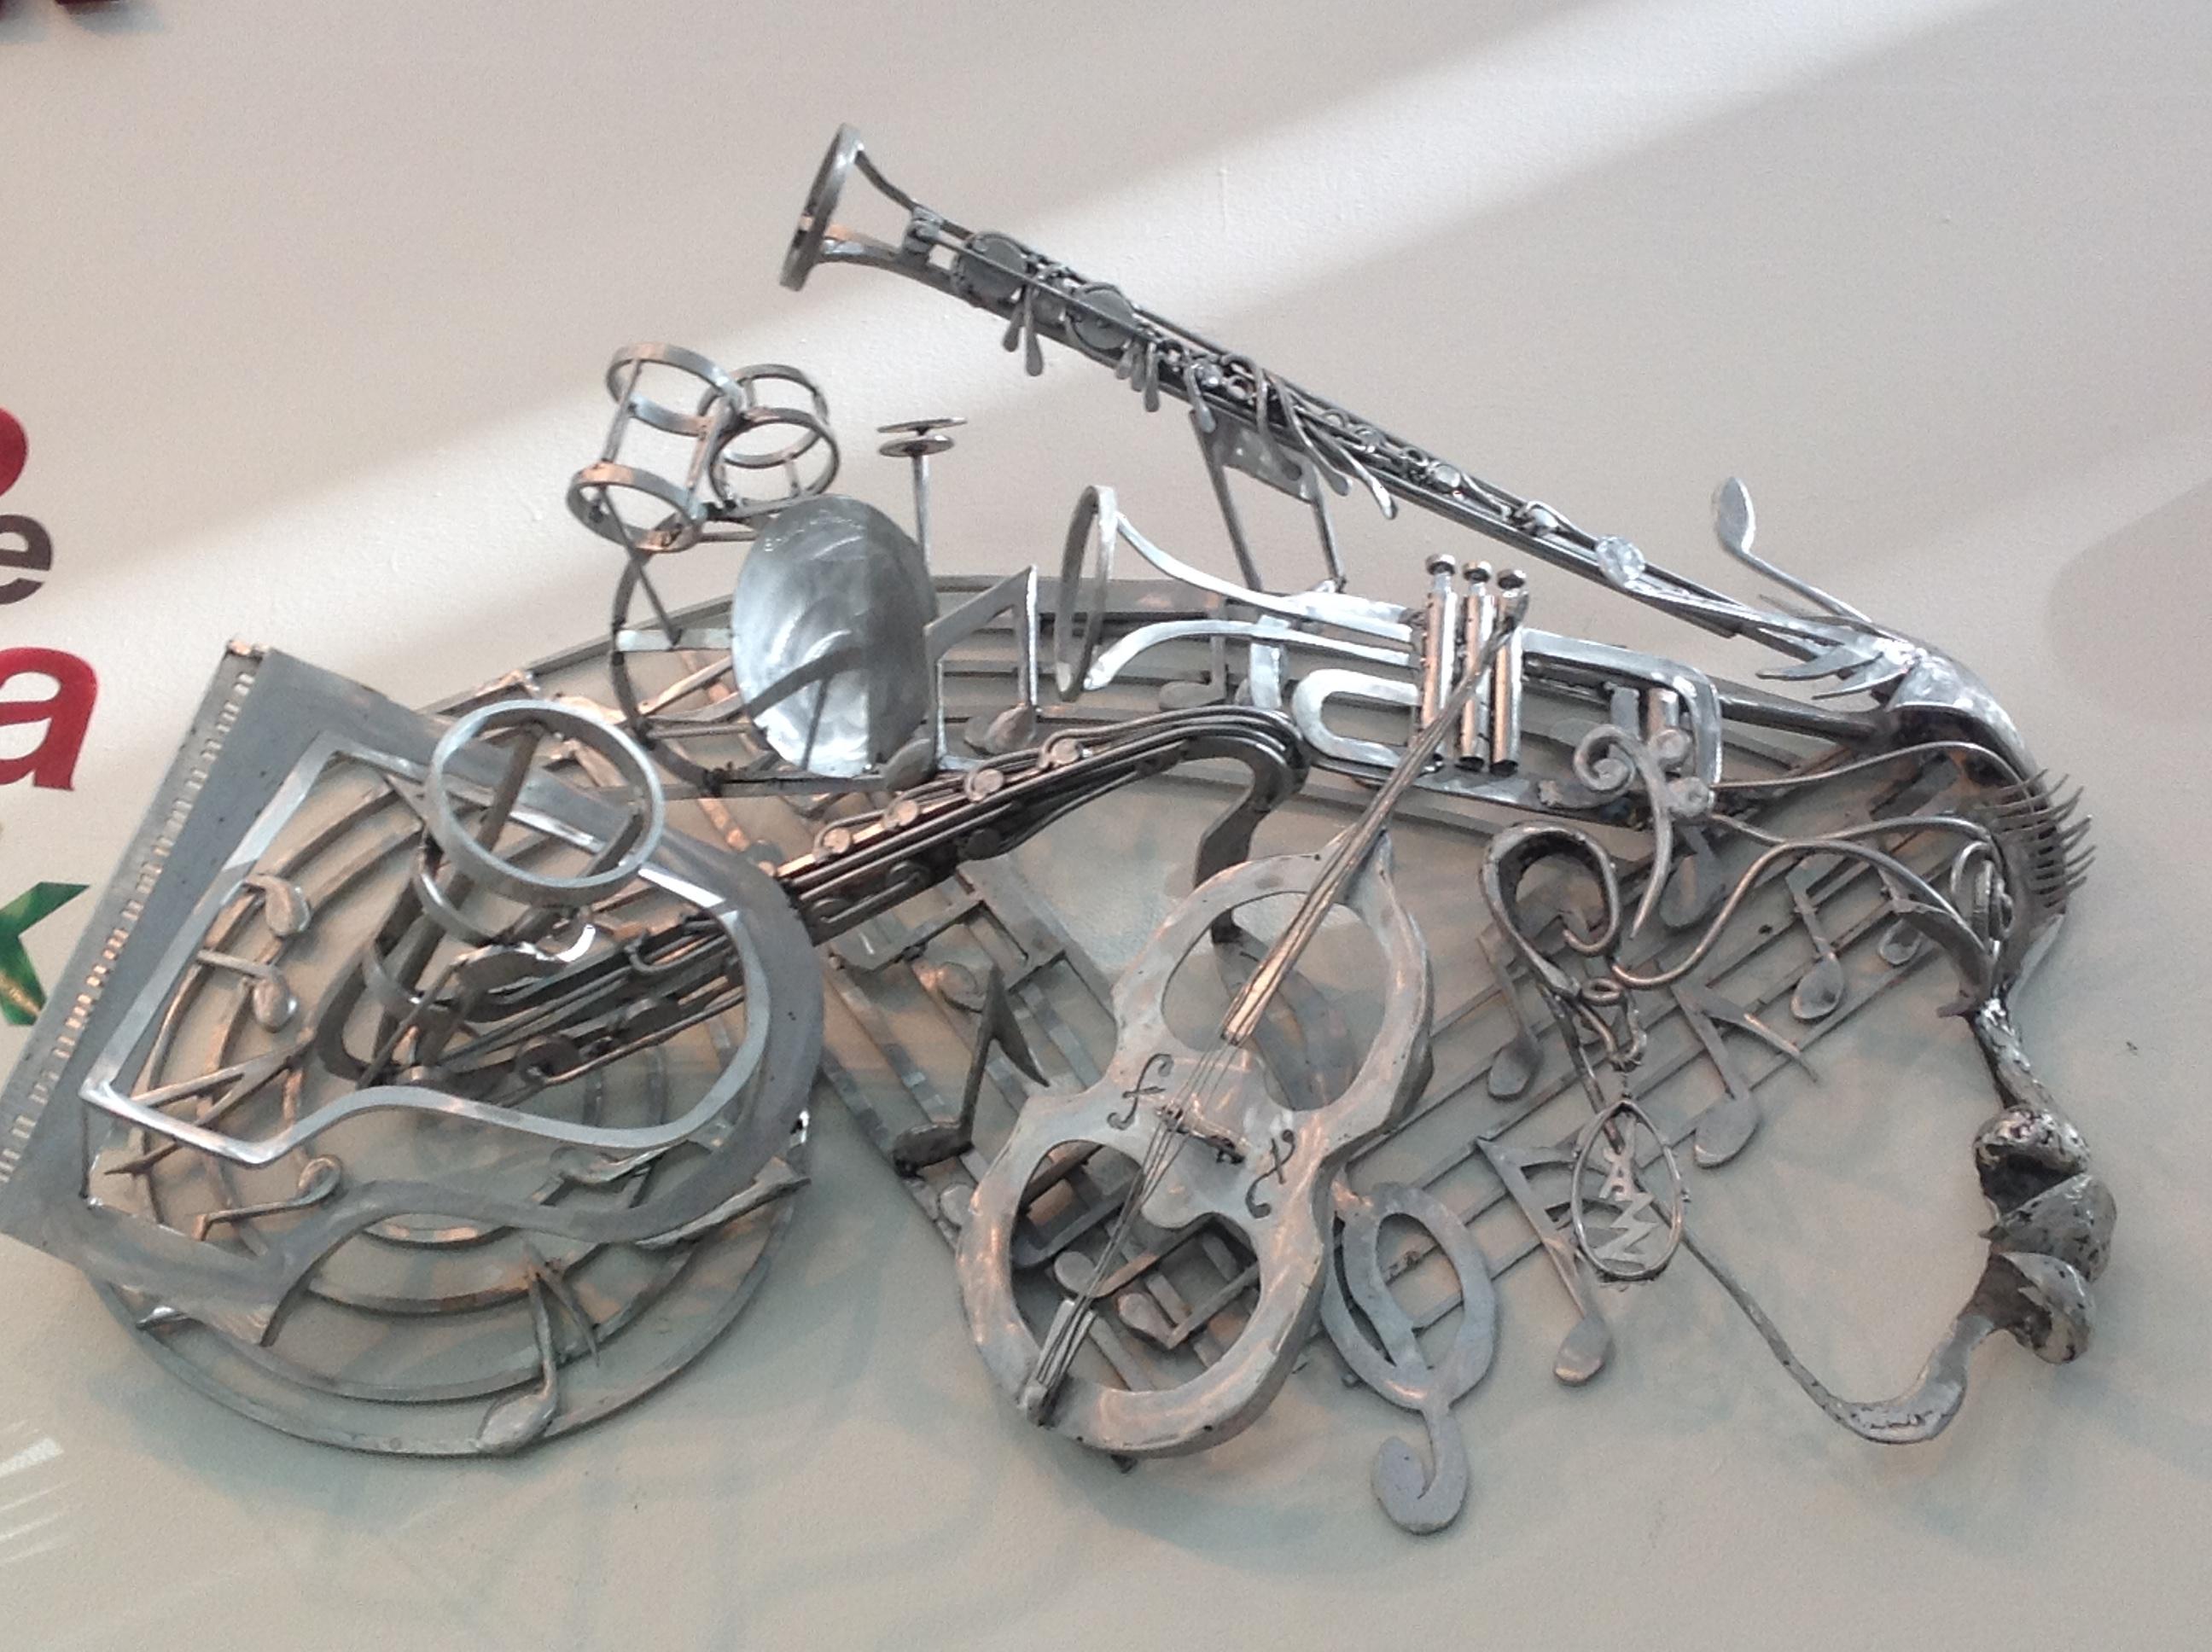 Détail de la sculpture intitulée Kamau Daaood